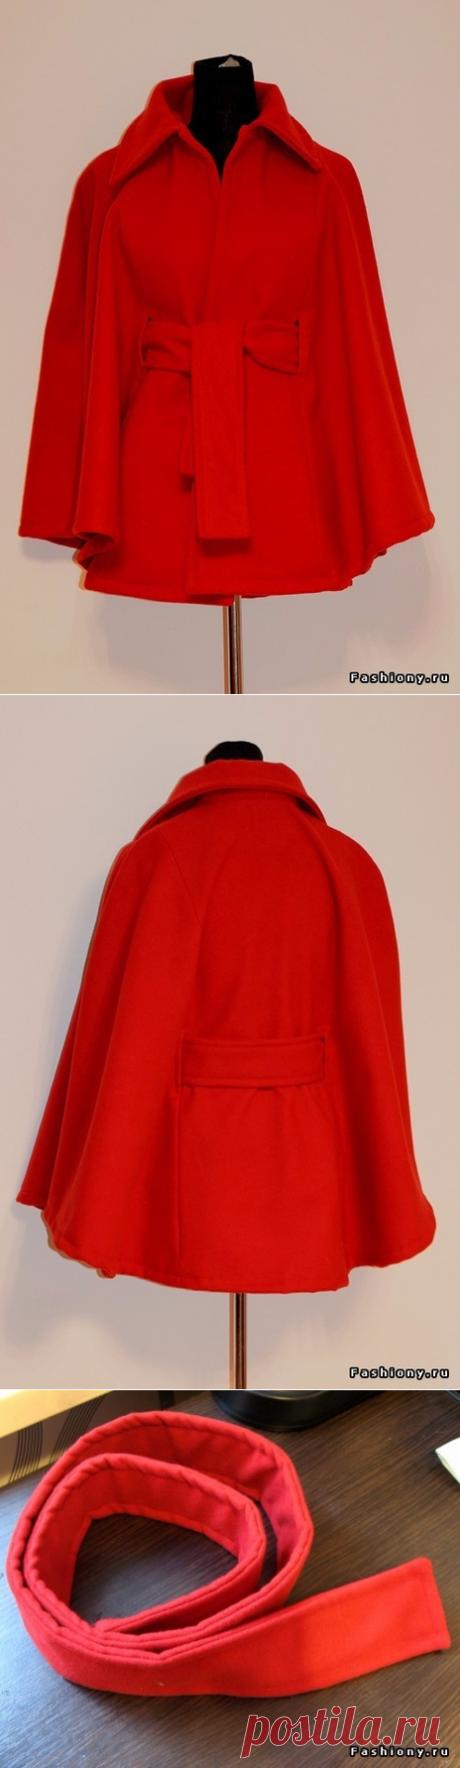 Шьем модное пальто-кейп: мастер-класс и переделка устаревшего пальто в кейп — Сделай сам, идеи для творчества - DIY Ideas